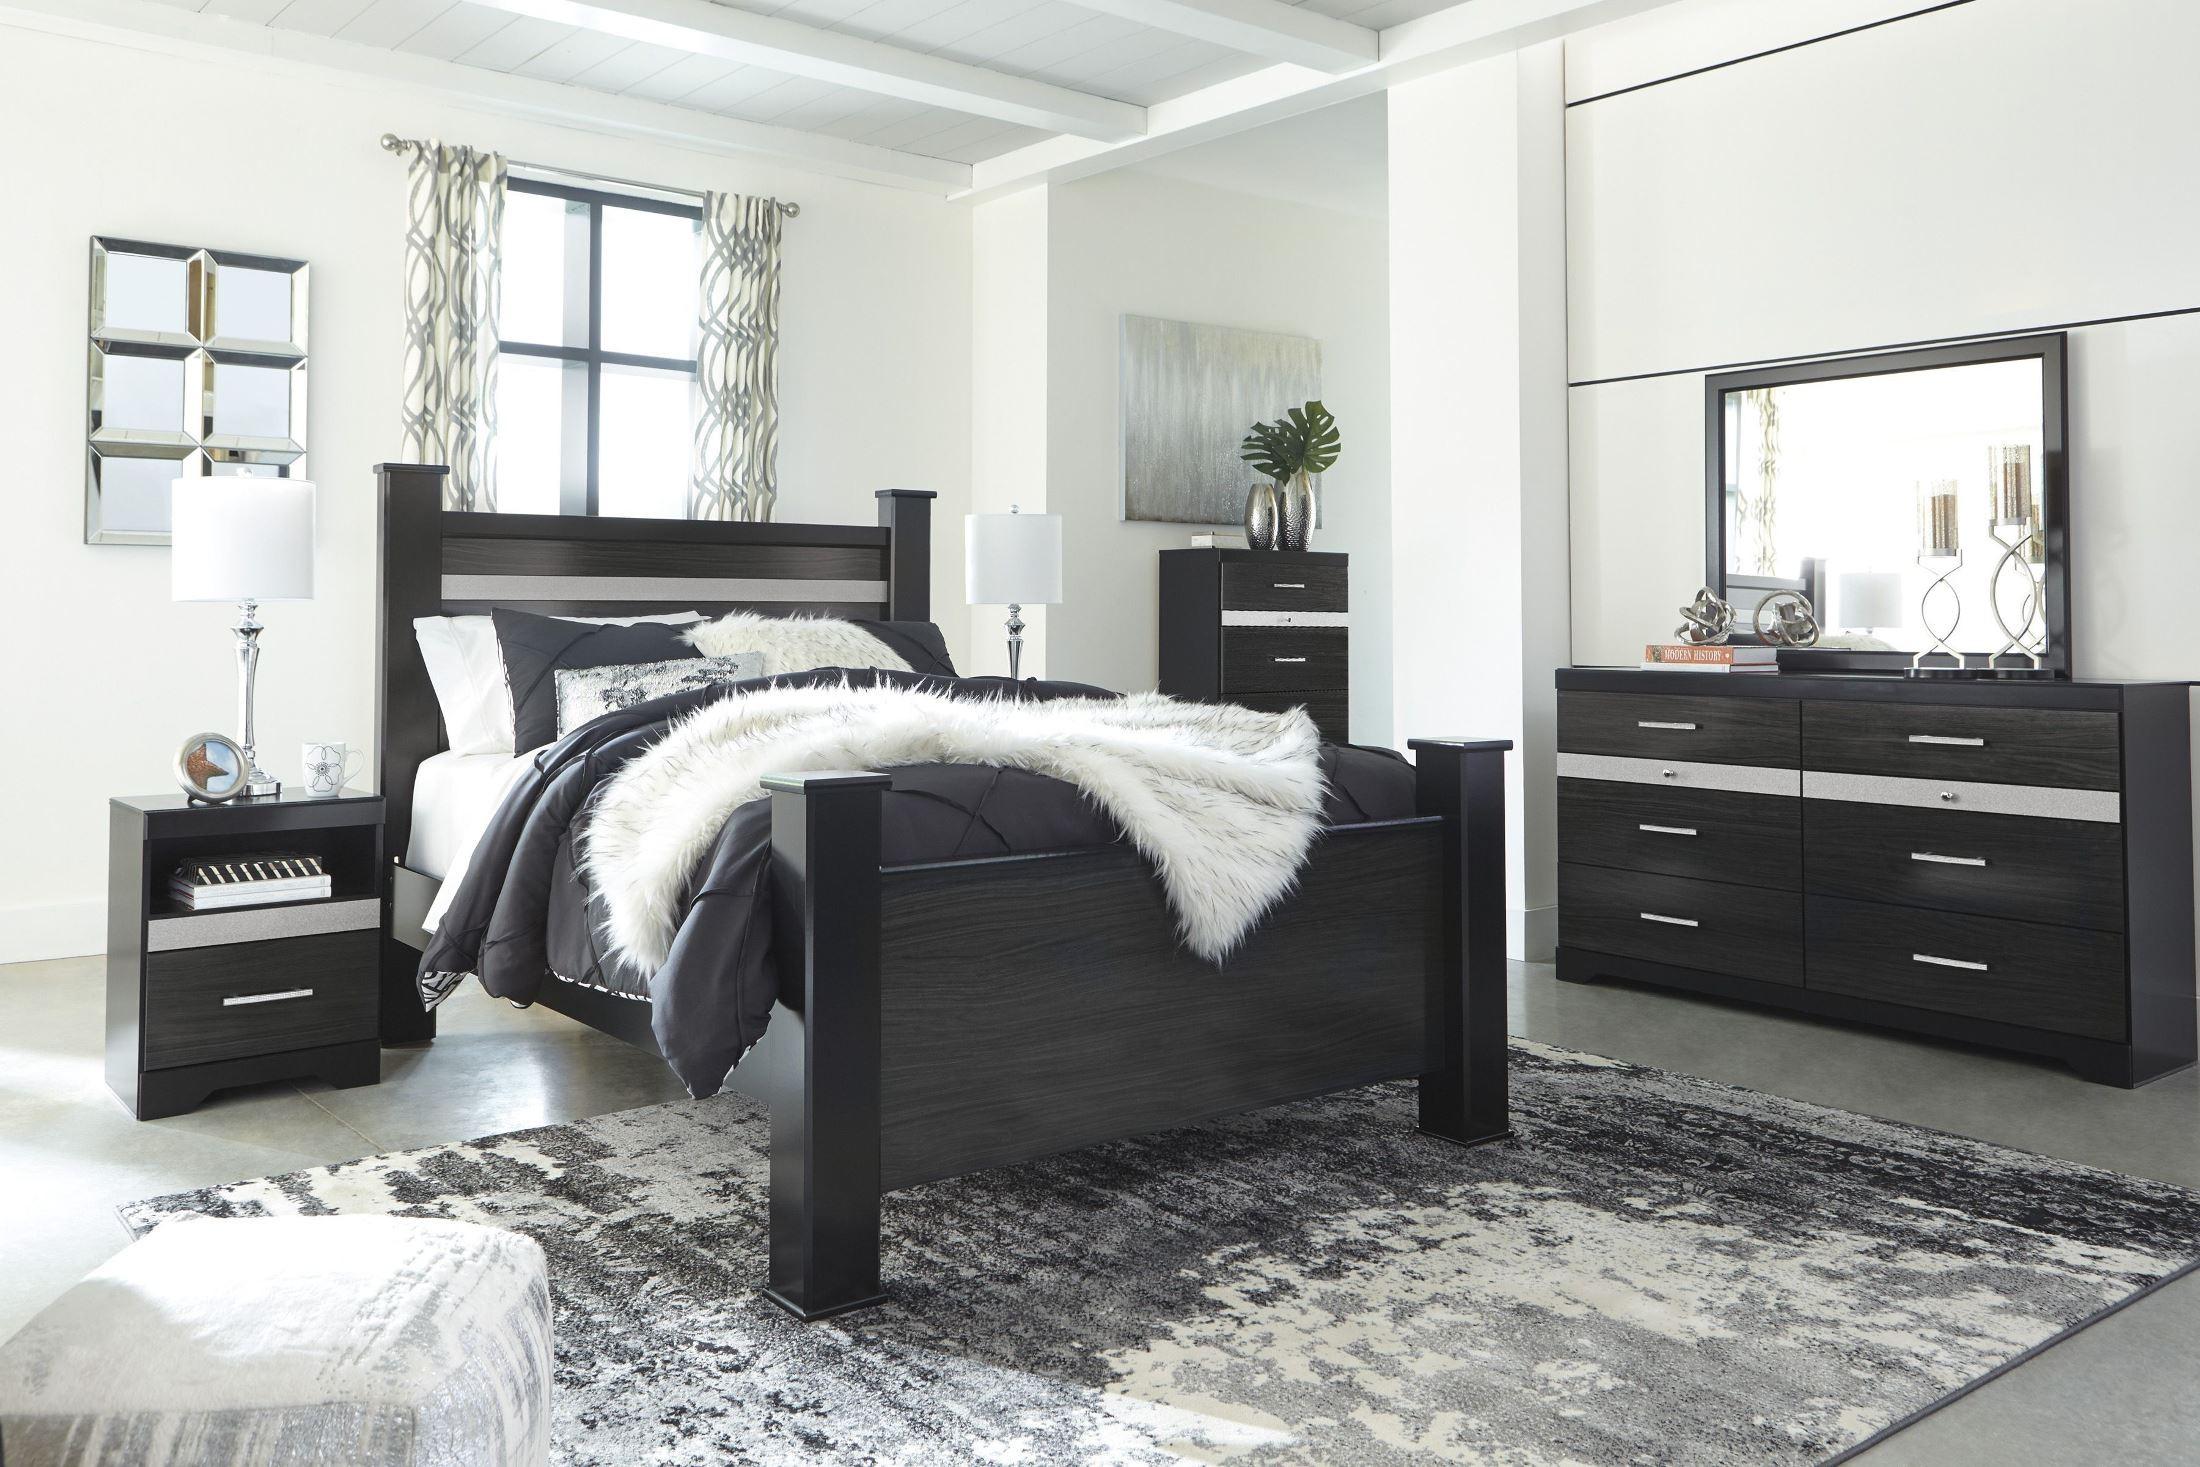 Starberry Black Poster Bedroom Set